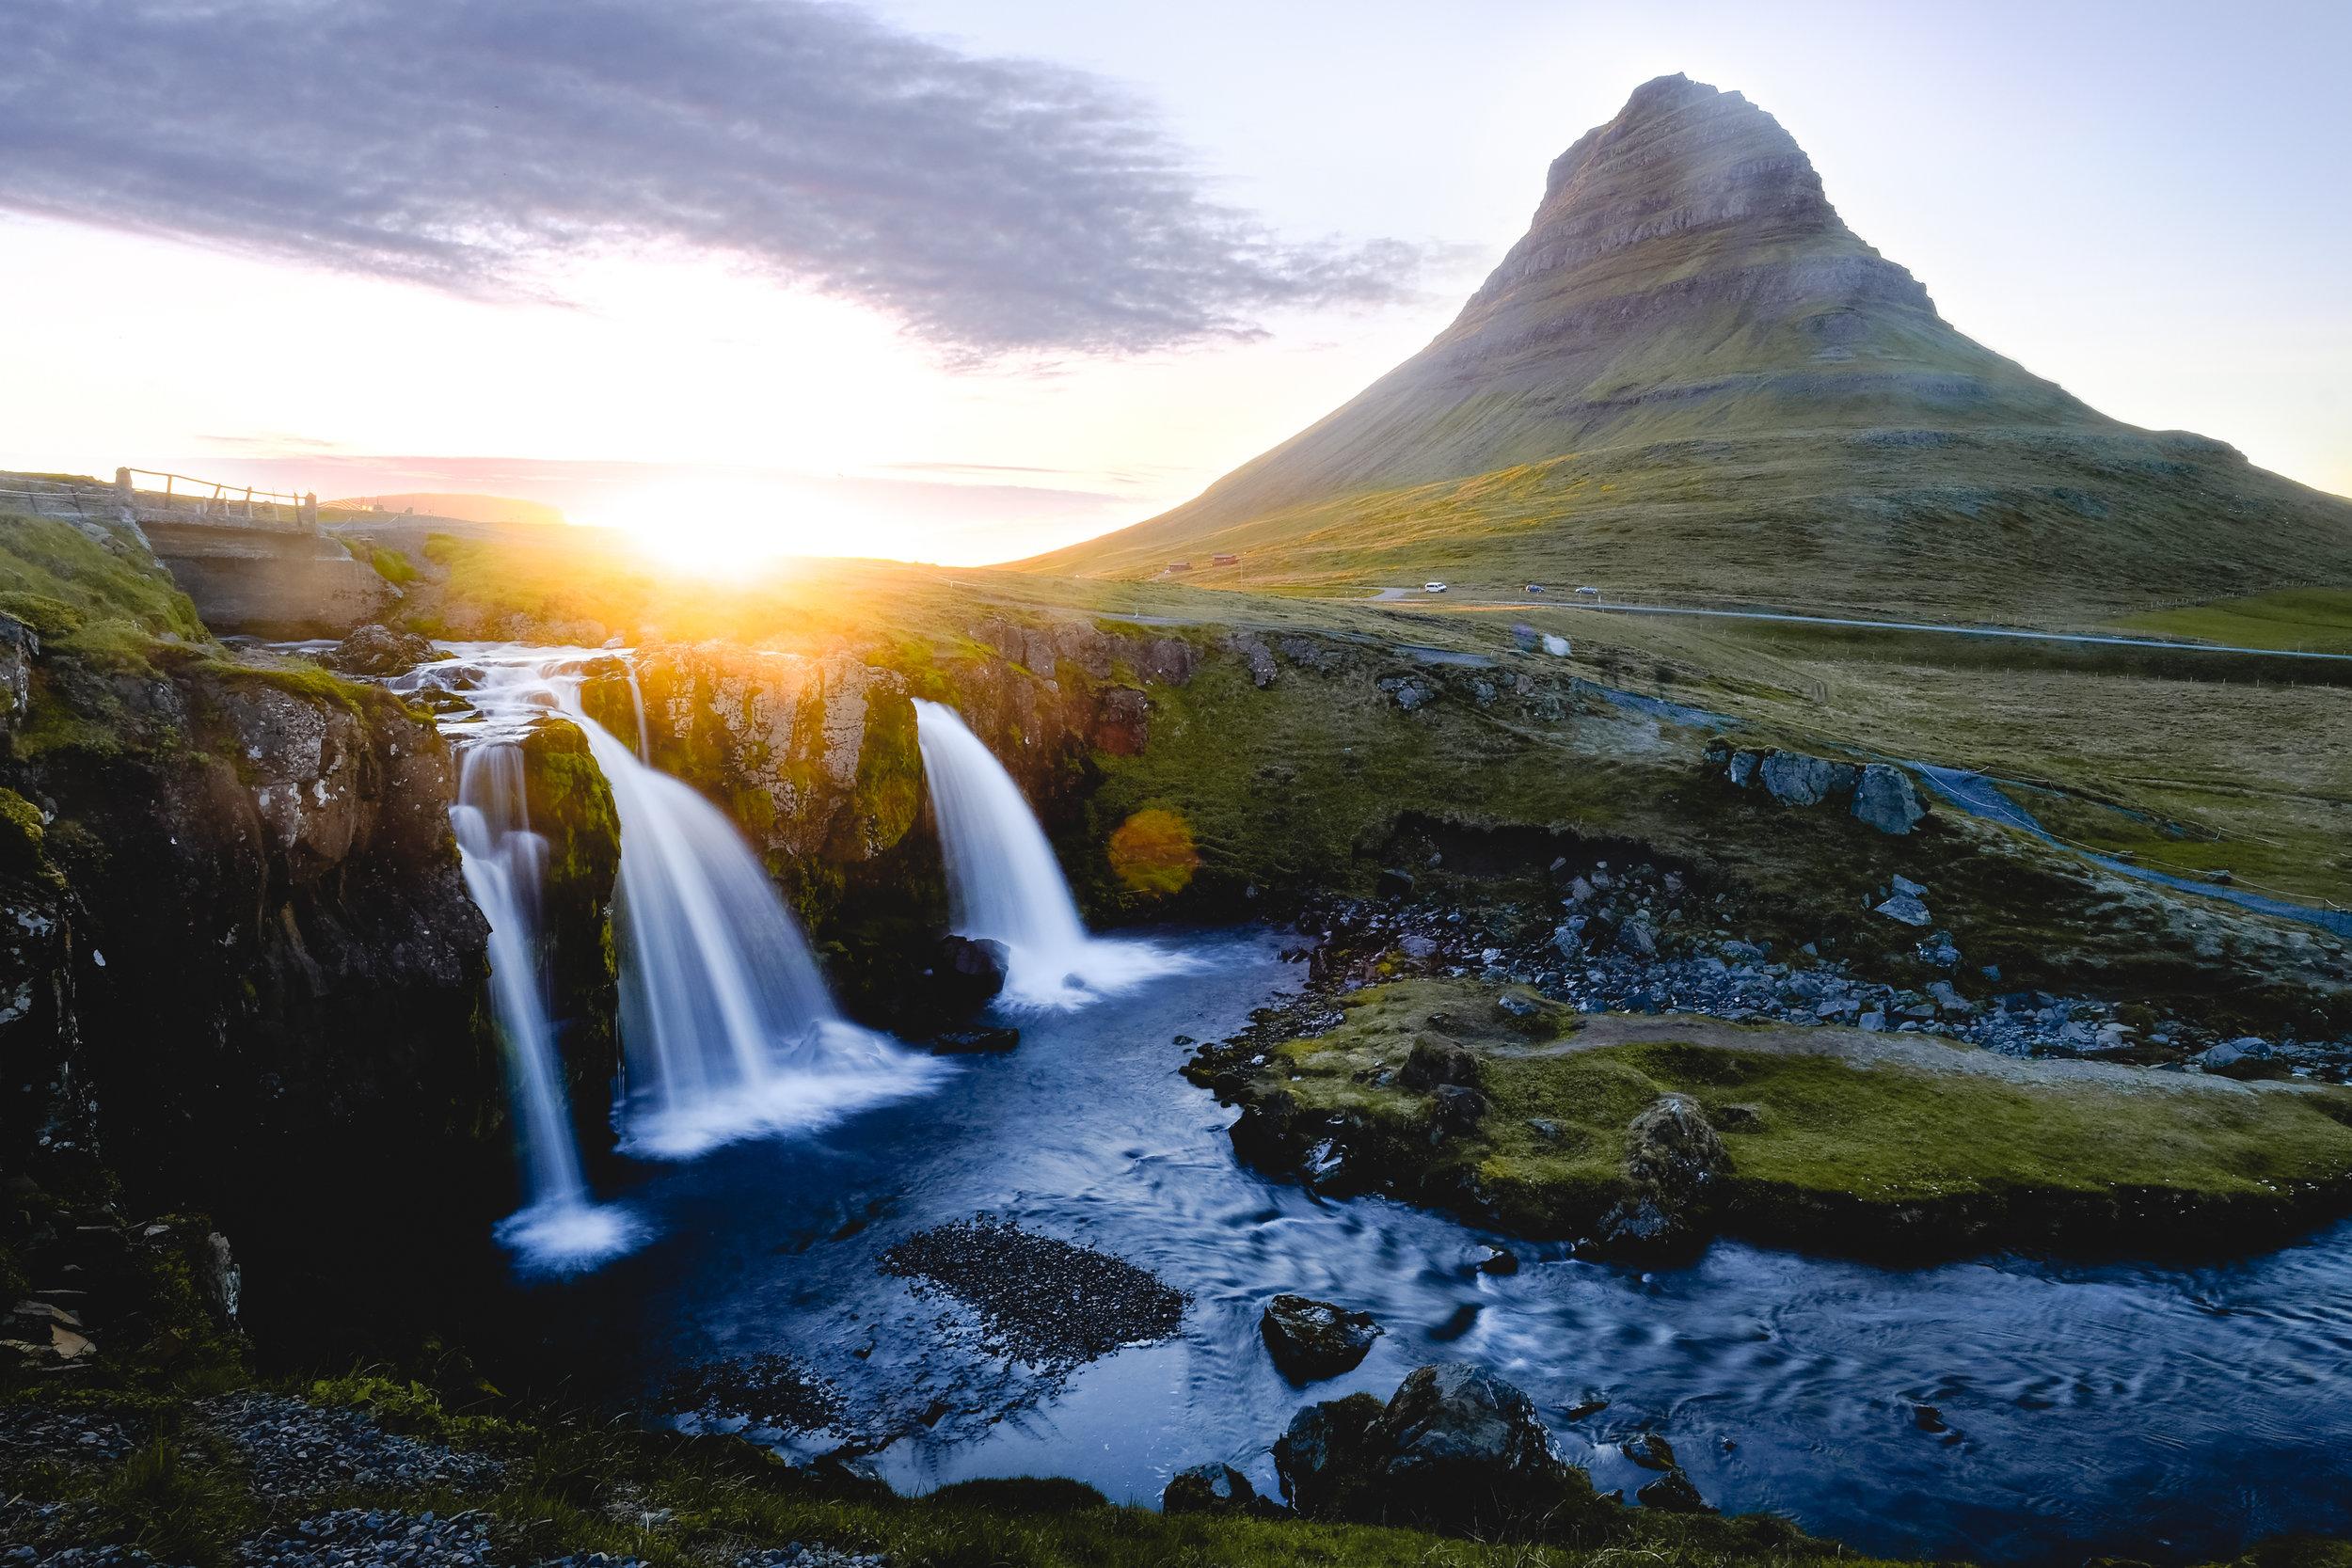 Kirkjufell mountain and falls